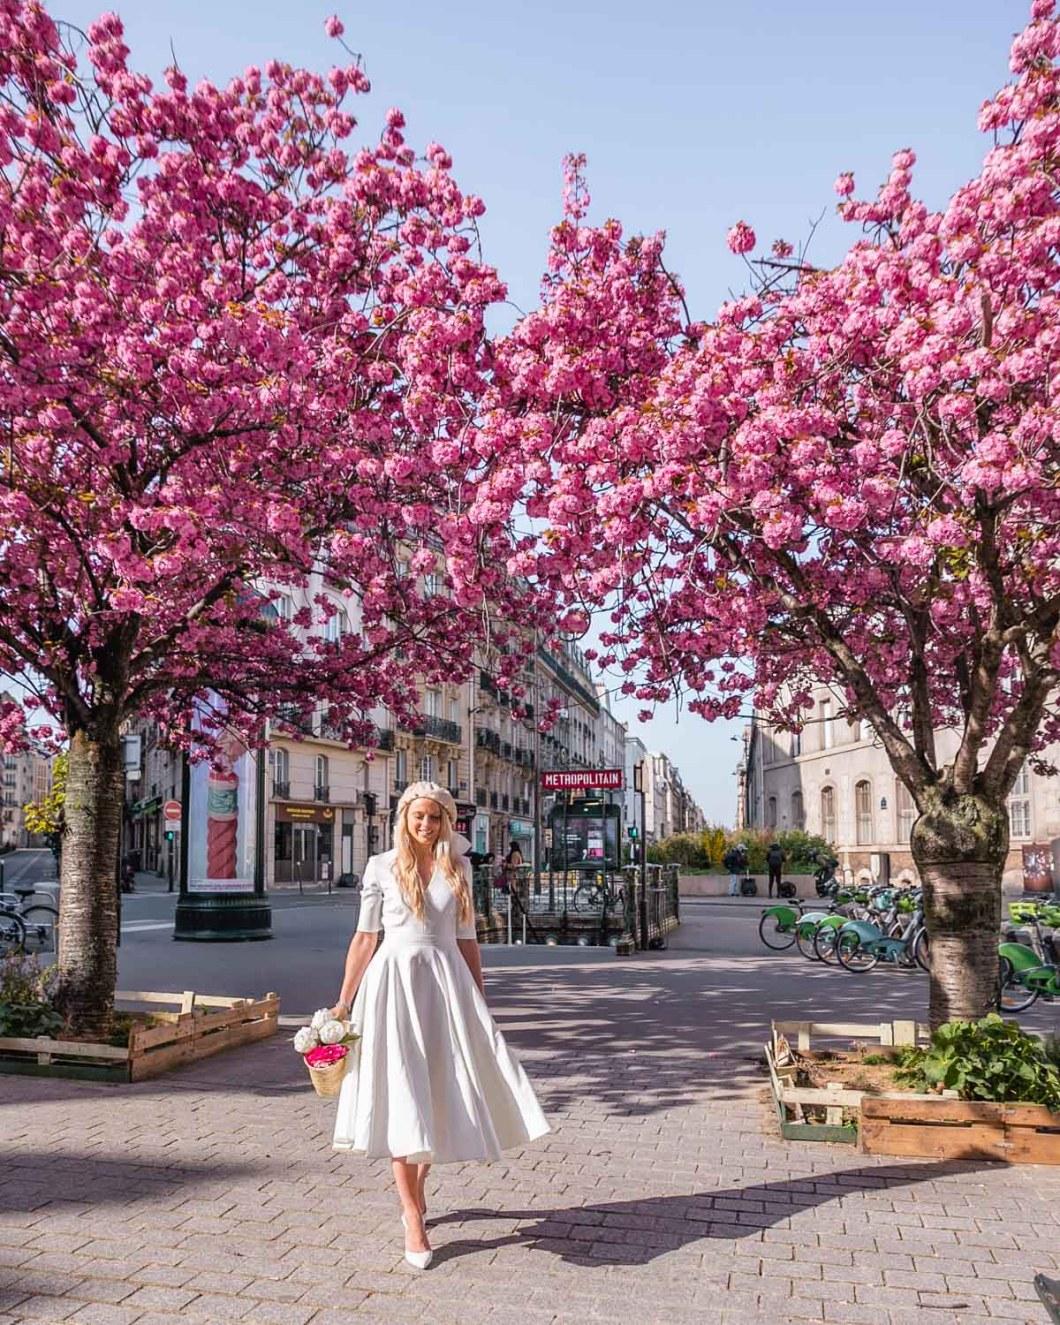 Cherry blossoms in Place Camille Claudel, metro station Falguière - Paris